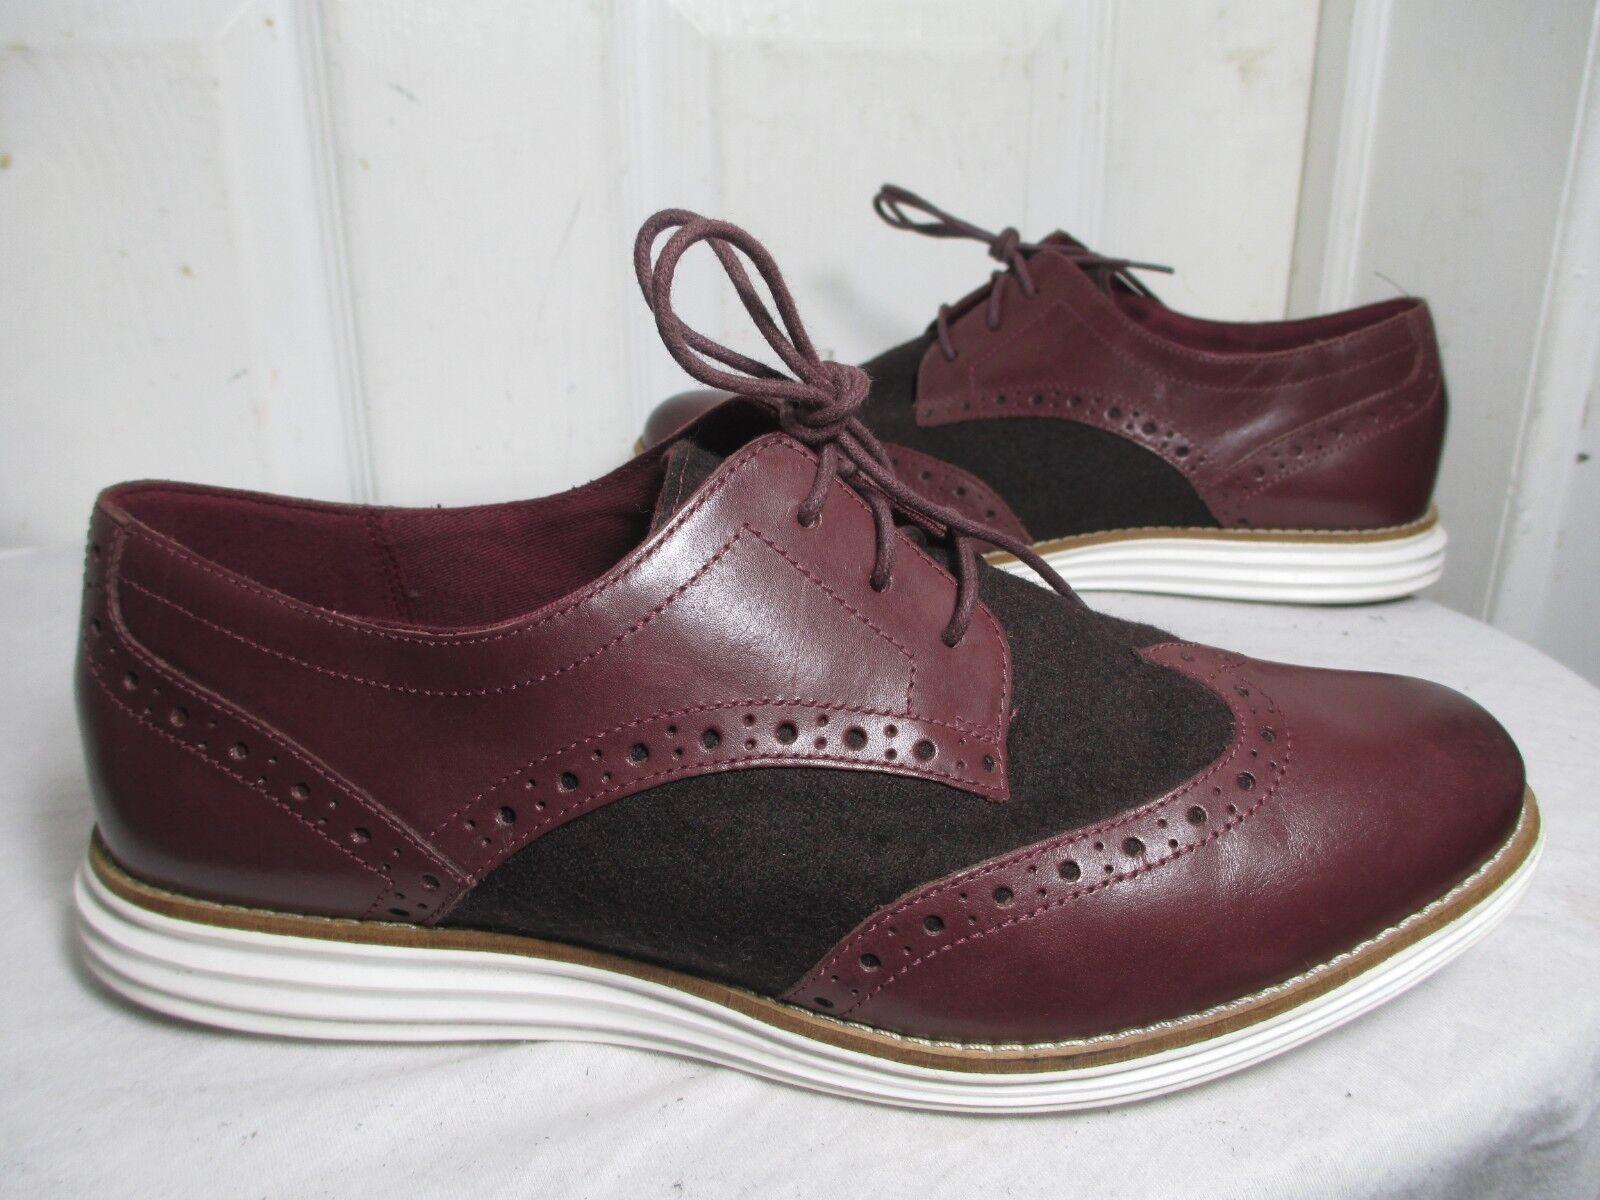 negozi al dettaglio COLE HAAN GRAND OS BURGUNDY LEATHER WOOL WINGTIP WINGTIP WINGTIP OXFORD scarpe 8 B  design semplice e generoso